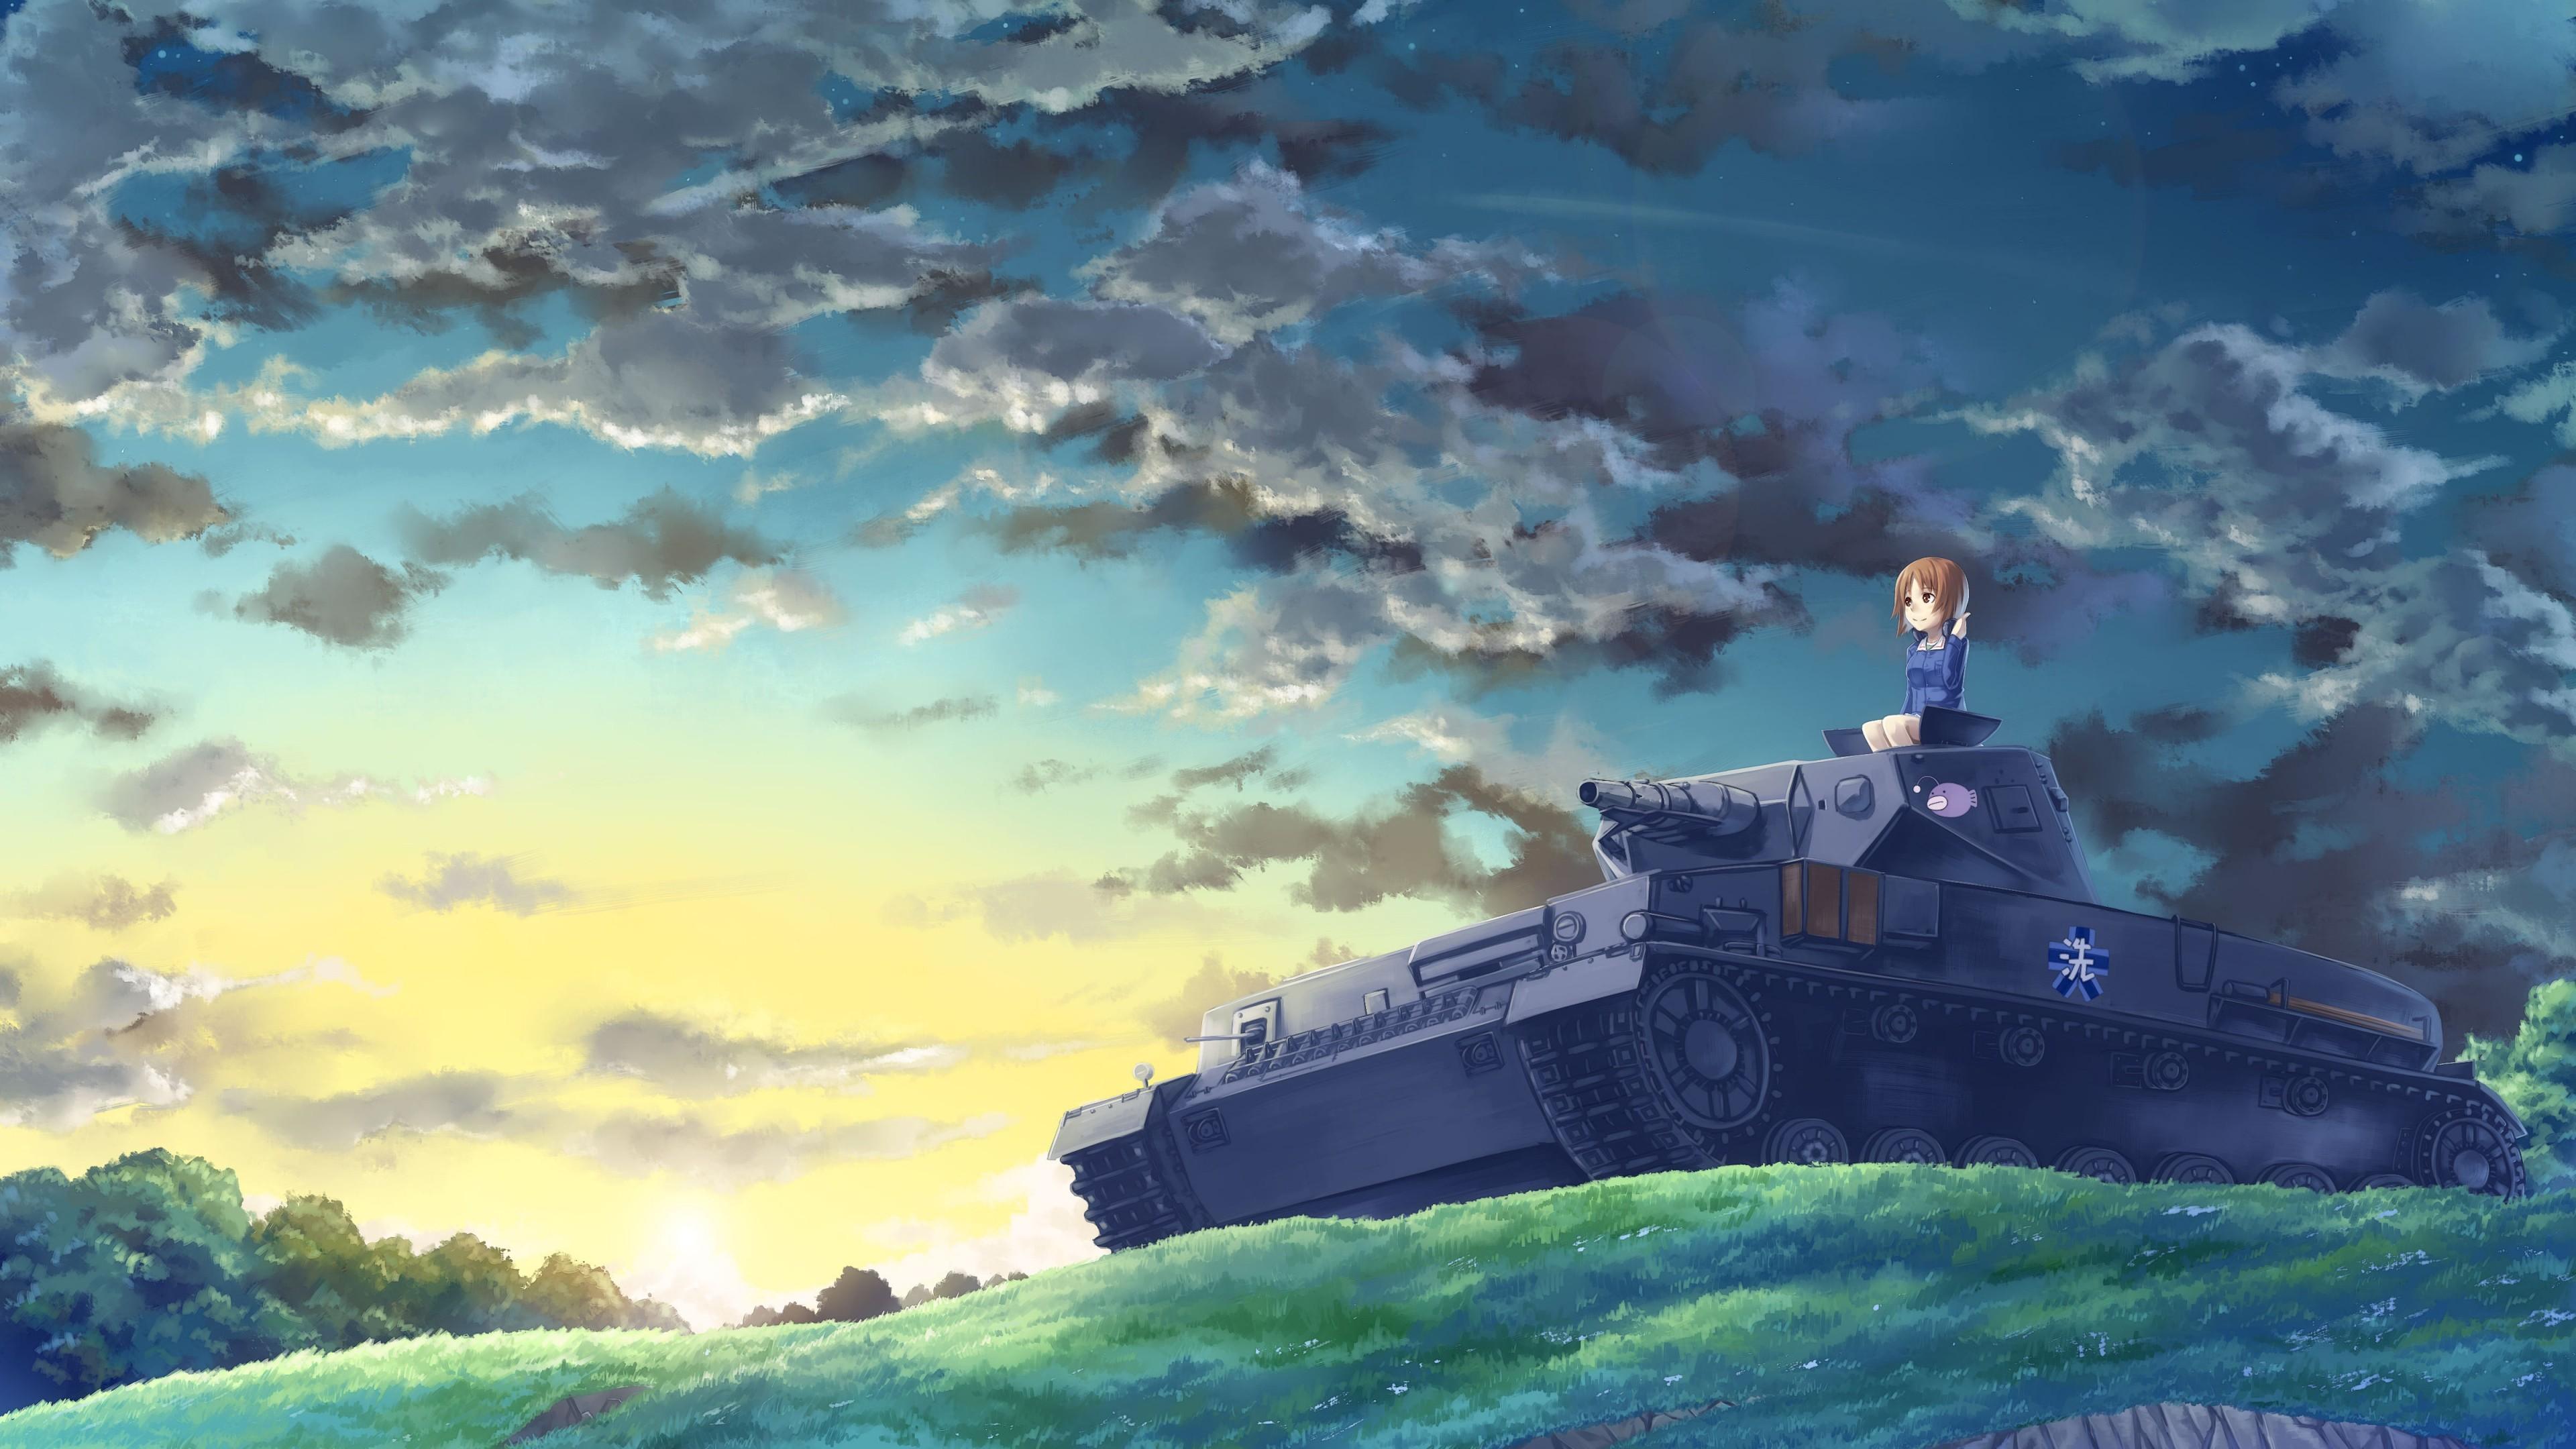 anime girl panzer 1541973547 - Anime Girl Panzer - anime wallpapers, anime girl wallpapers